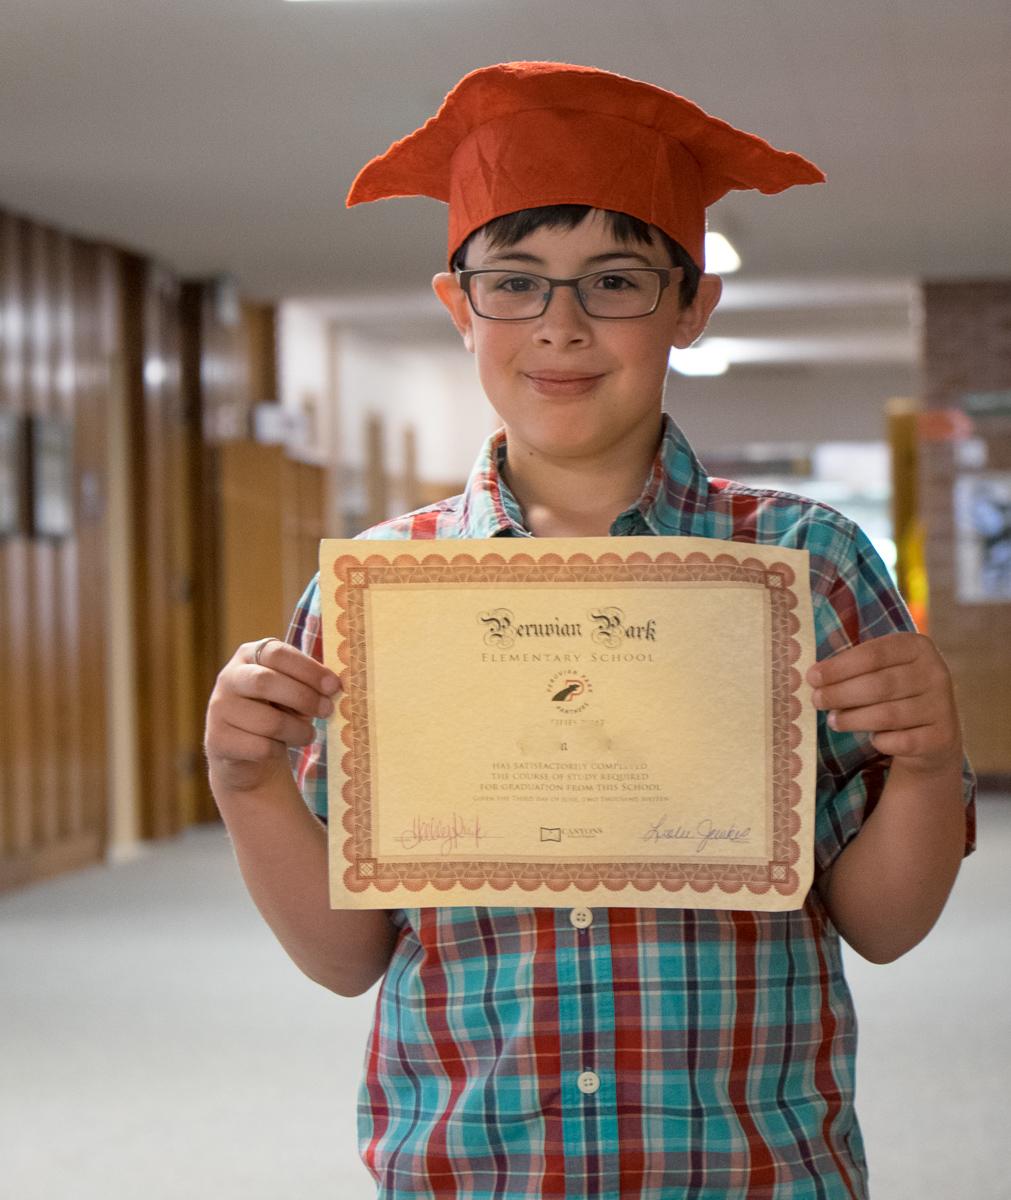 graduation-kids-parenting-growing-up